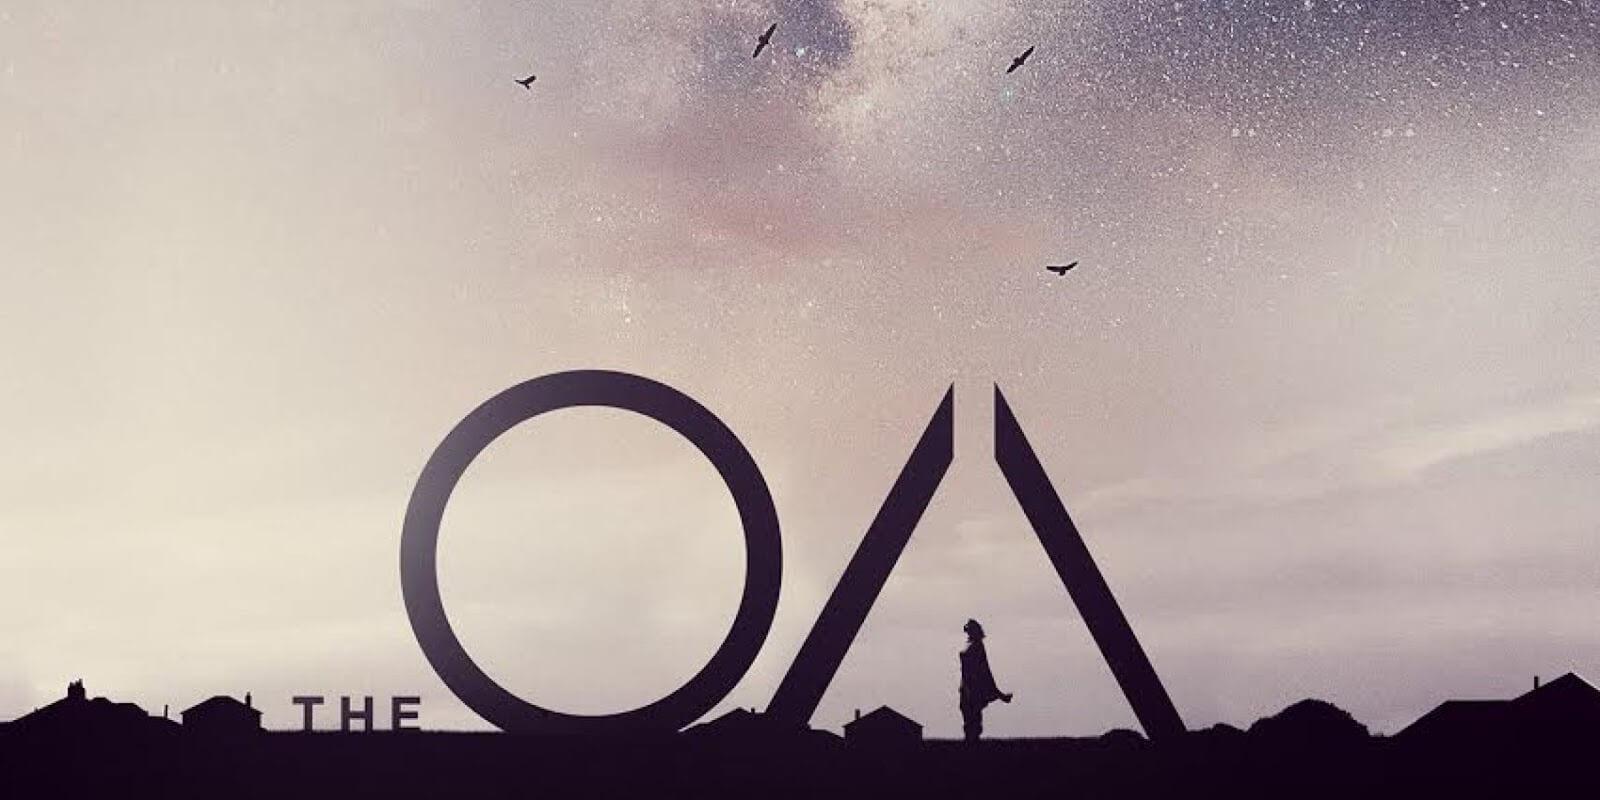 series de ciencia ficción - The Oa